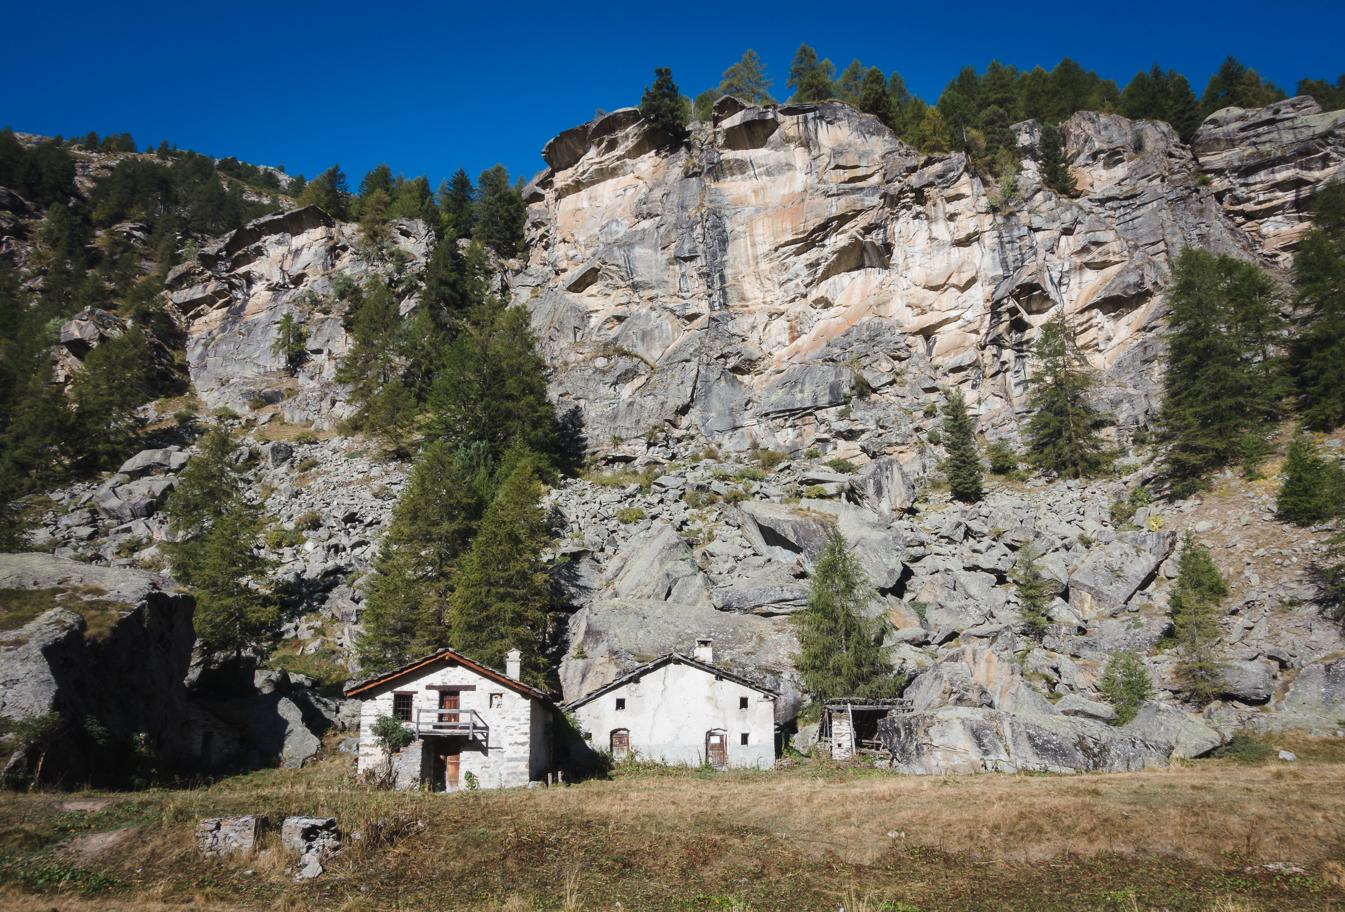 hike to vittorio emanuele gran paradiso